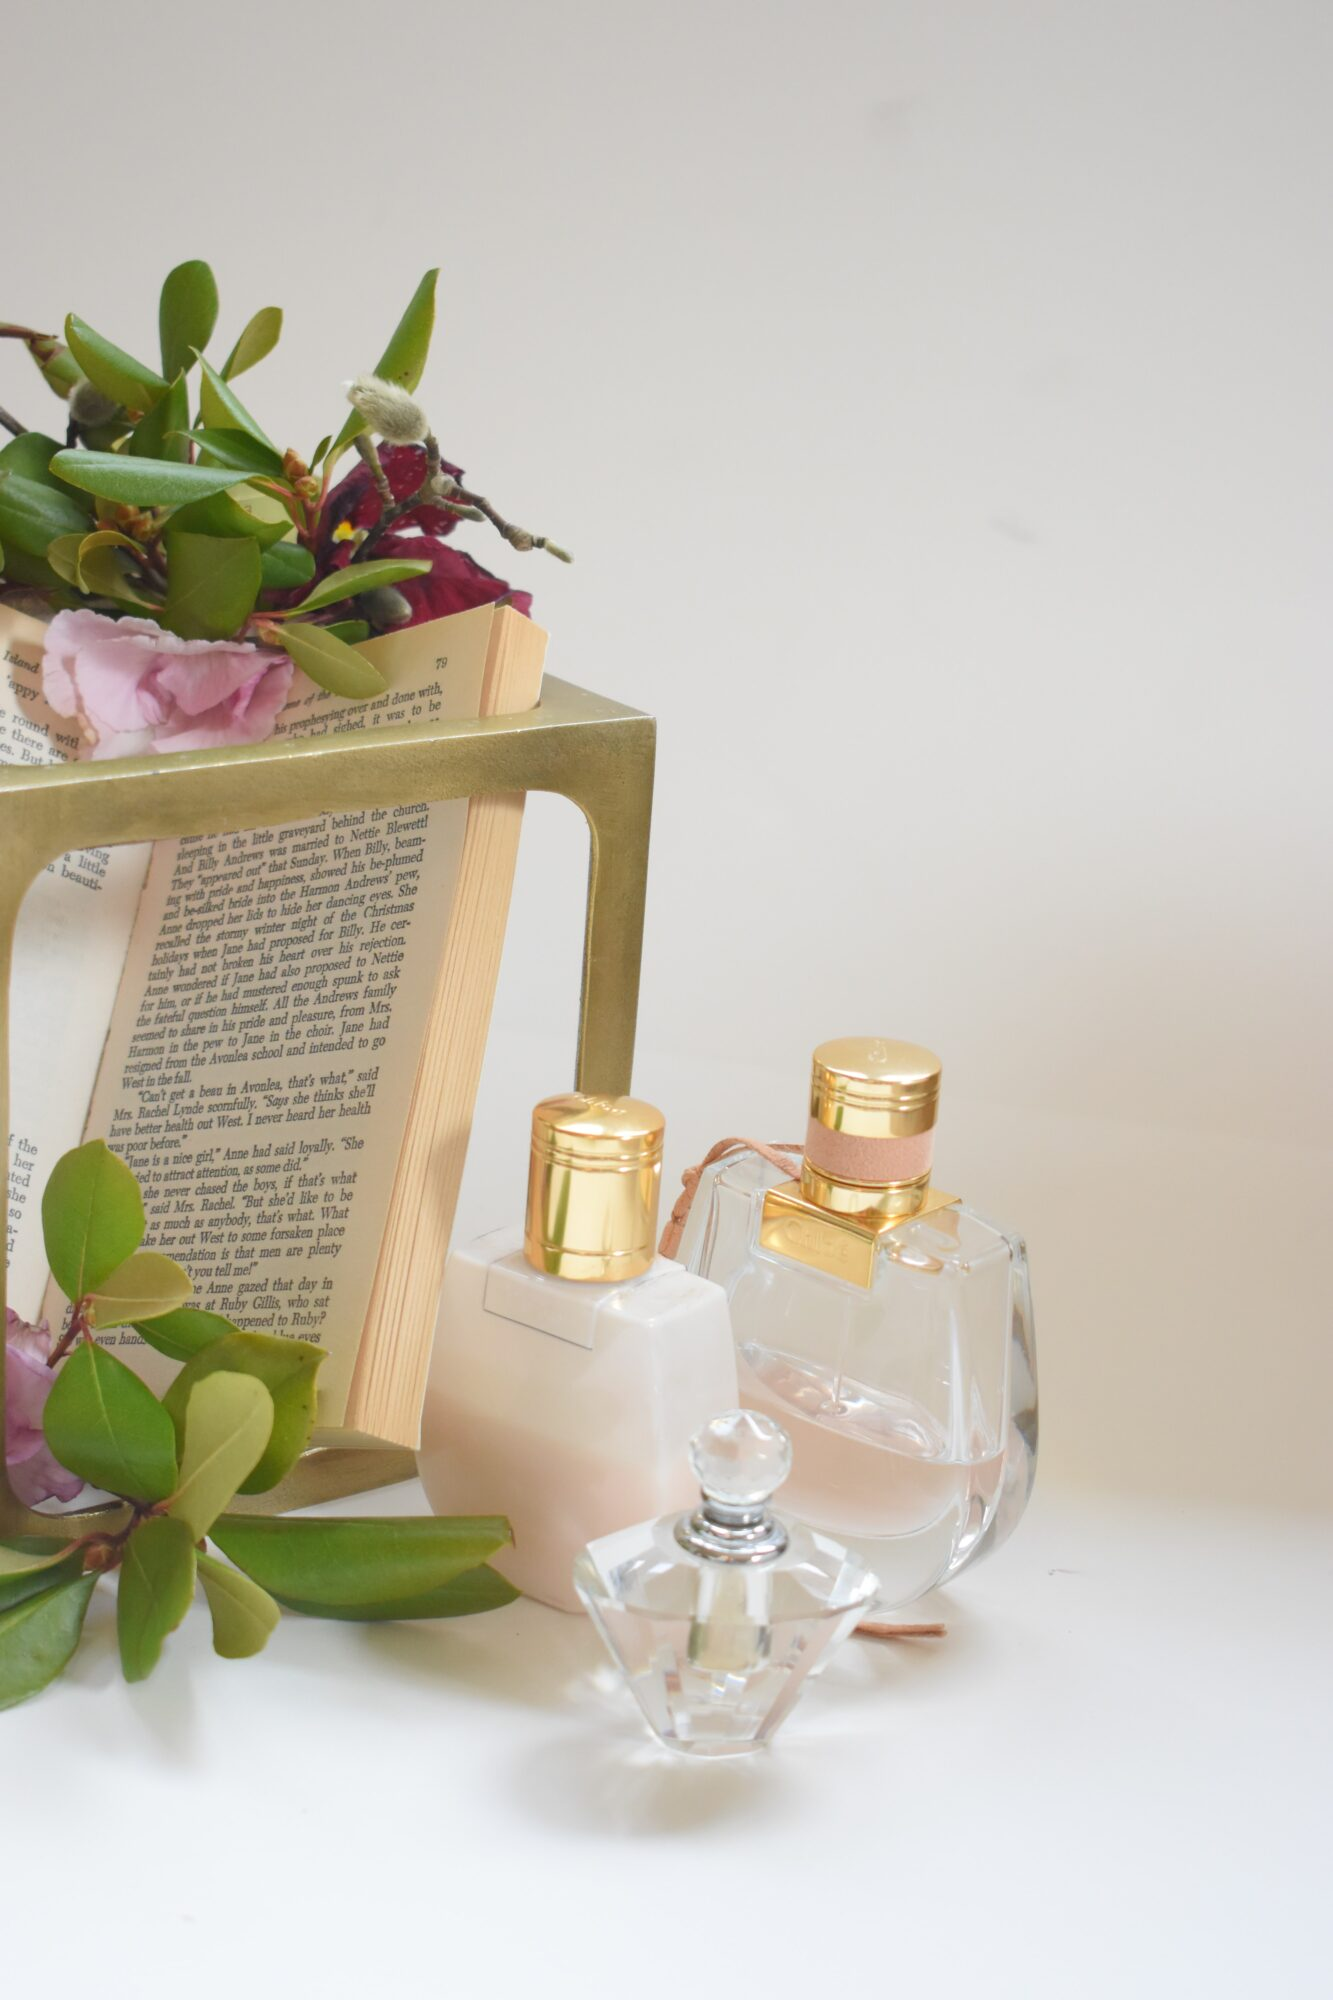 Zarkoperfume – skandinavisk blandet med fransk